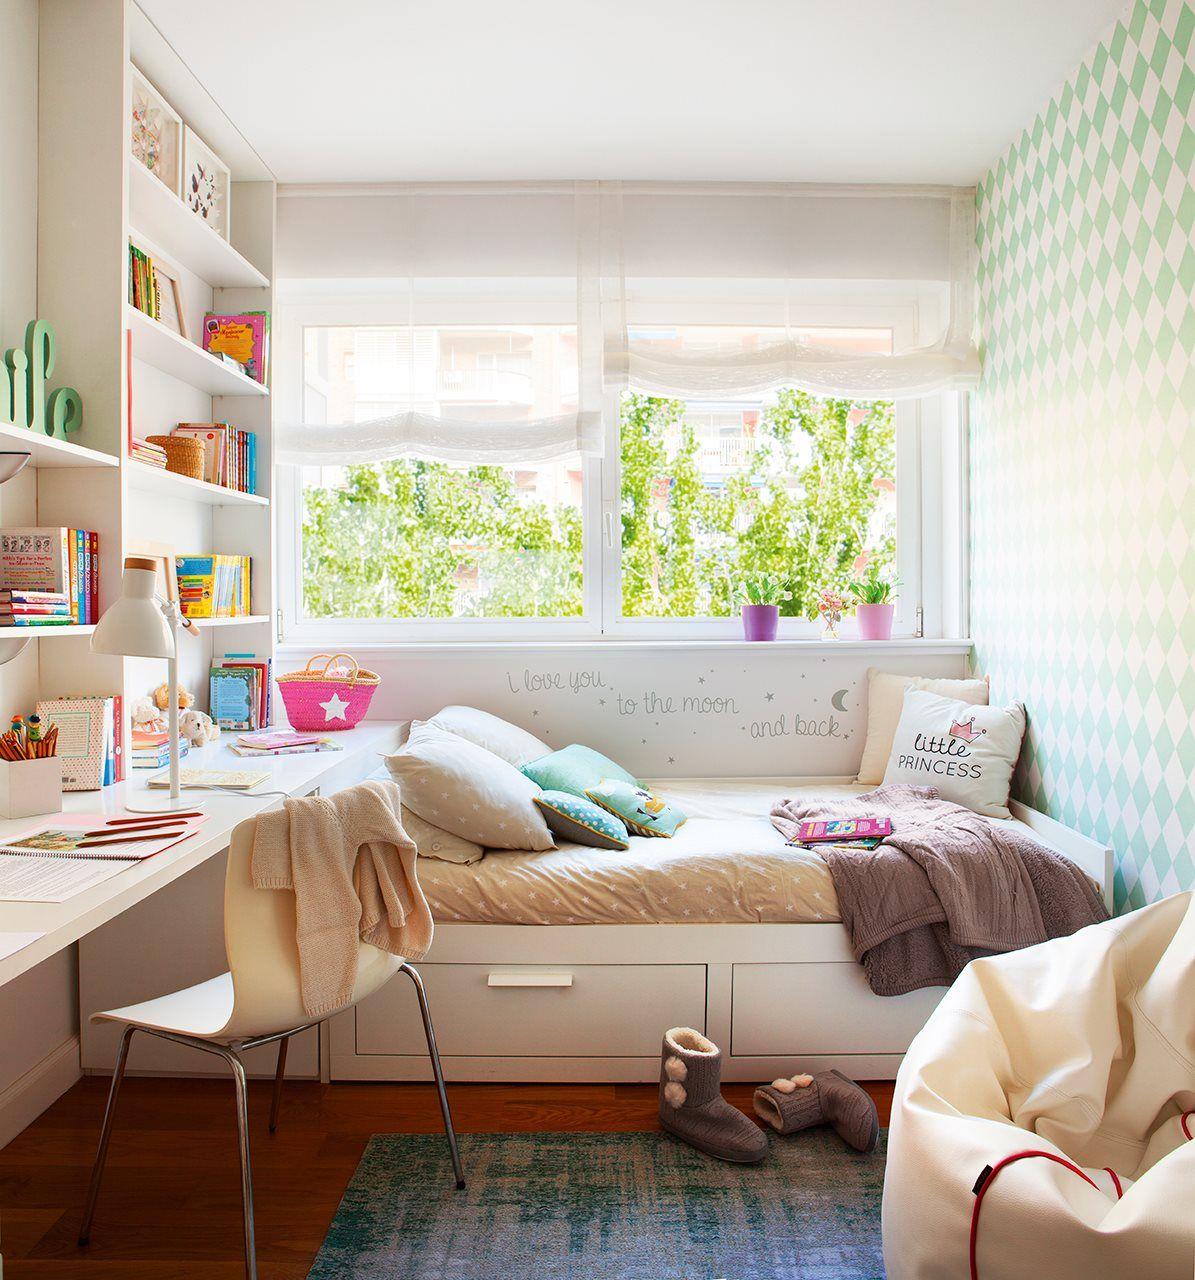 habitación de la niña cama ikea infantil | dormitorio juvenil